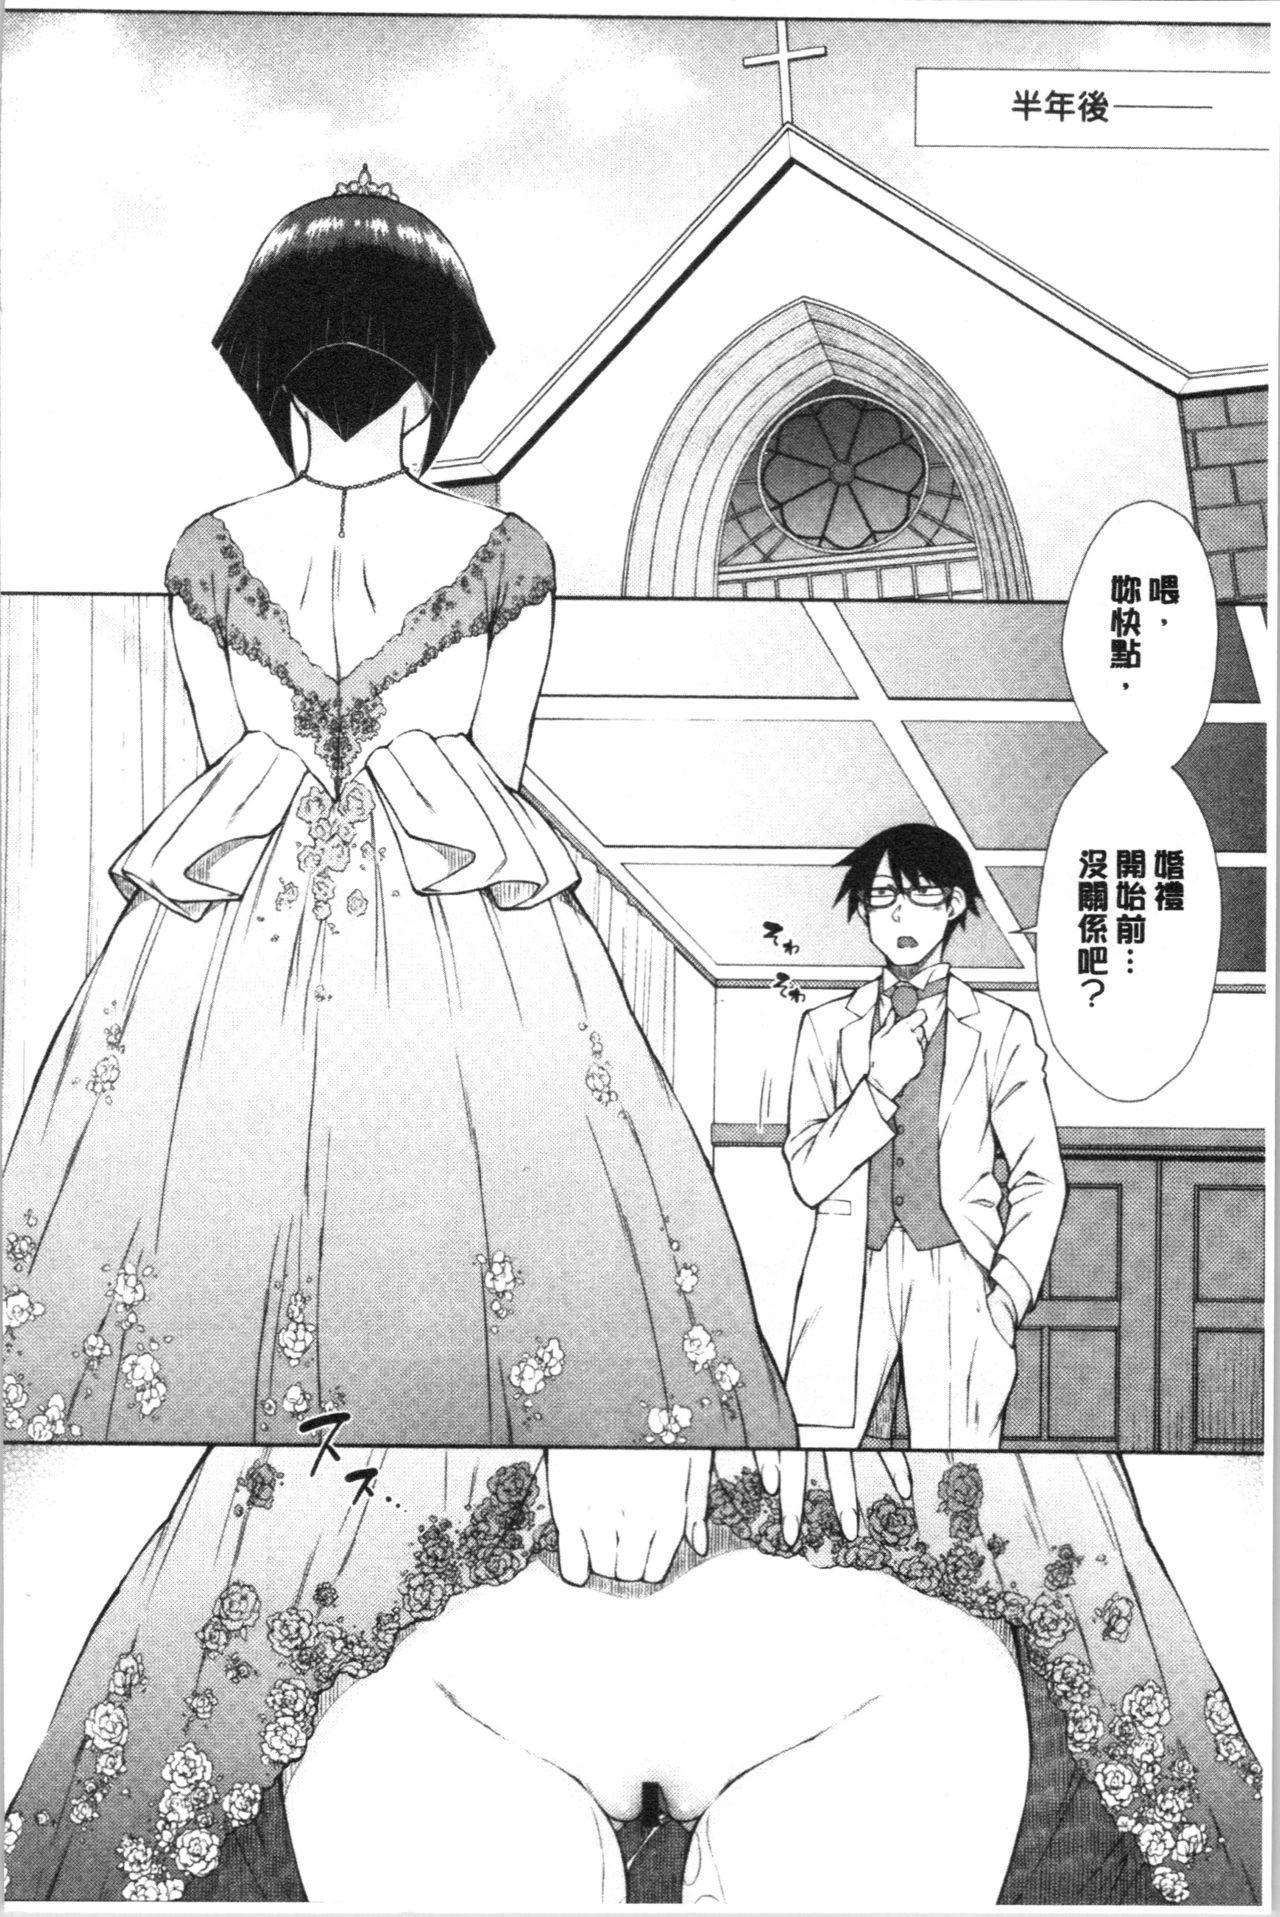 最強引き篭り御曹司のとろける婚活ハーレム 205